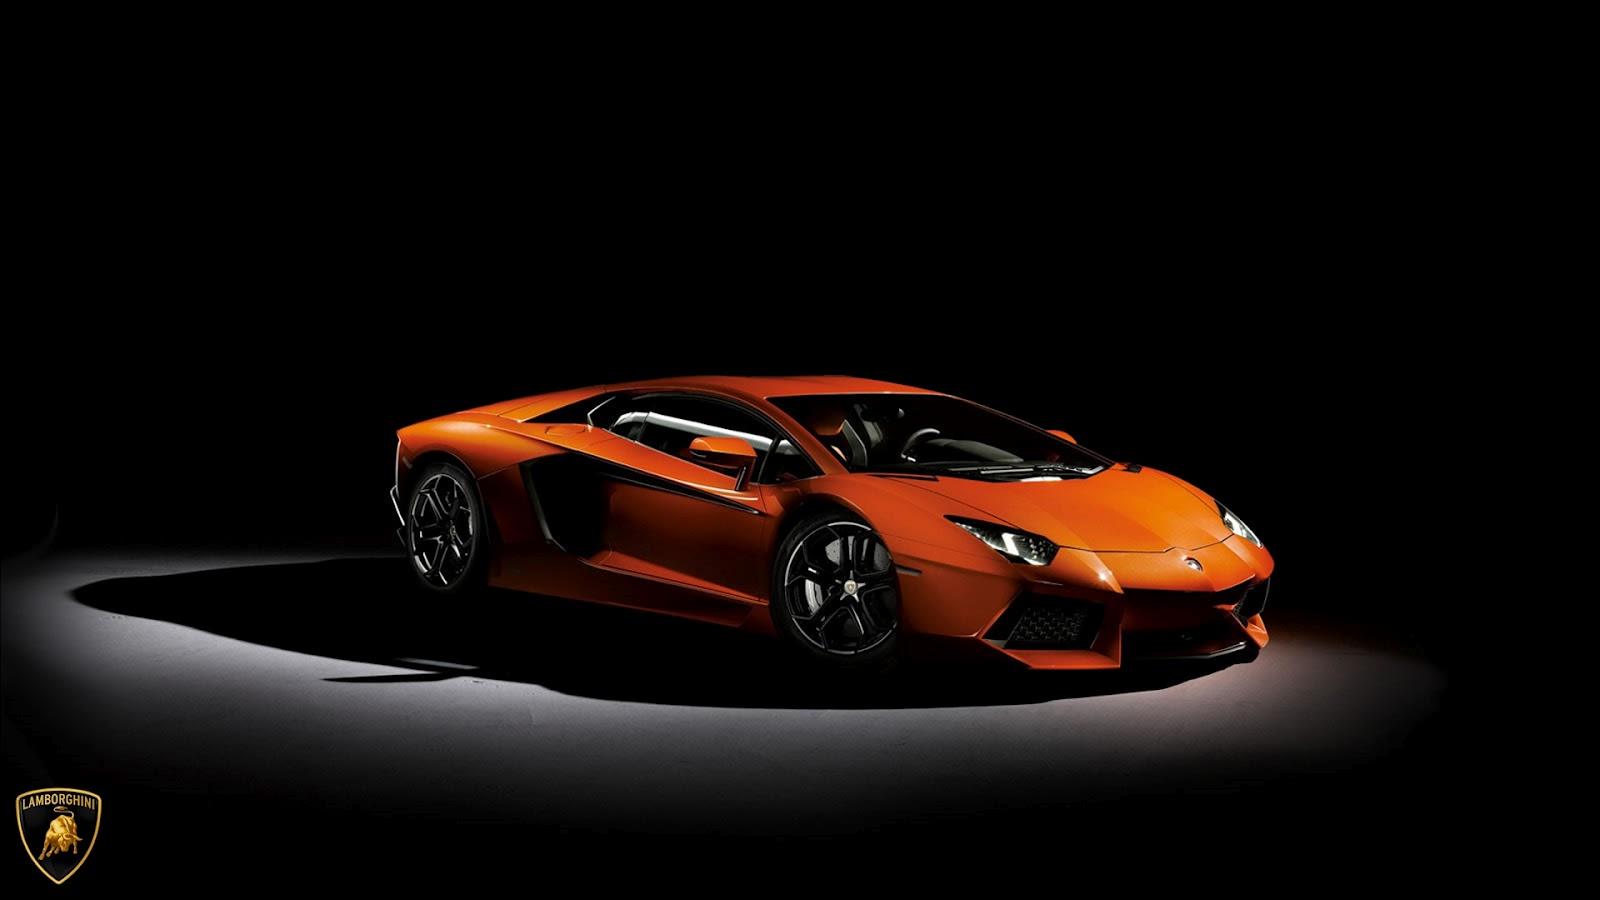 Freaking Spot Lamborghini Full HD 1080p Wallpapers 1600x900